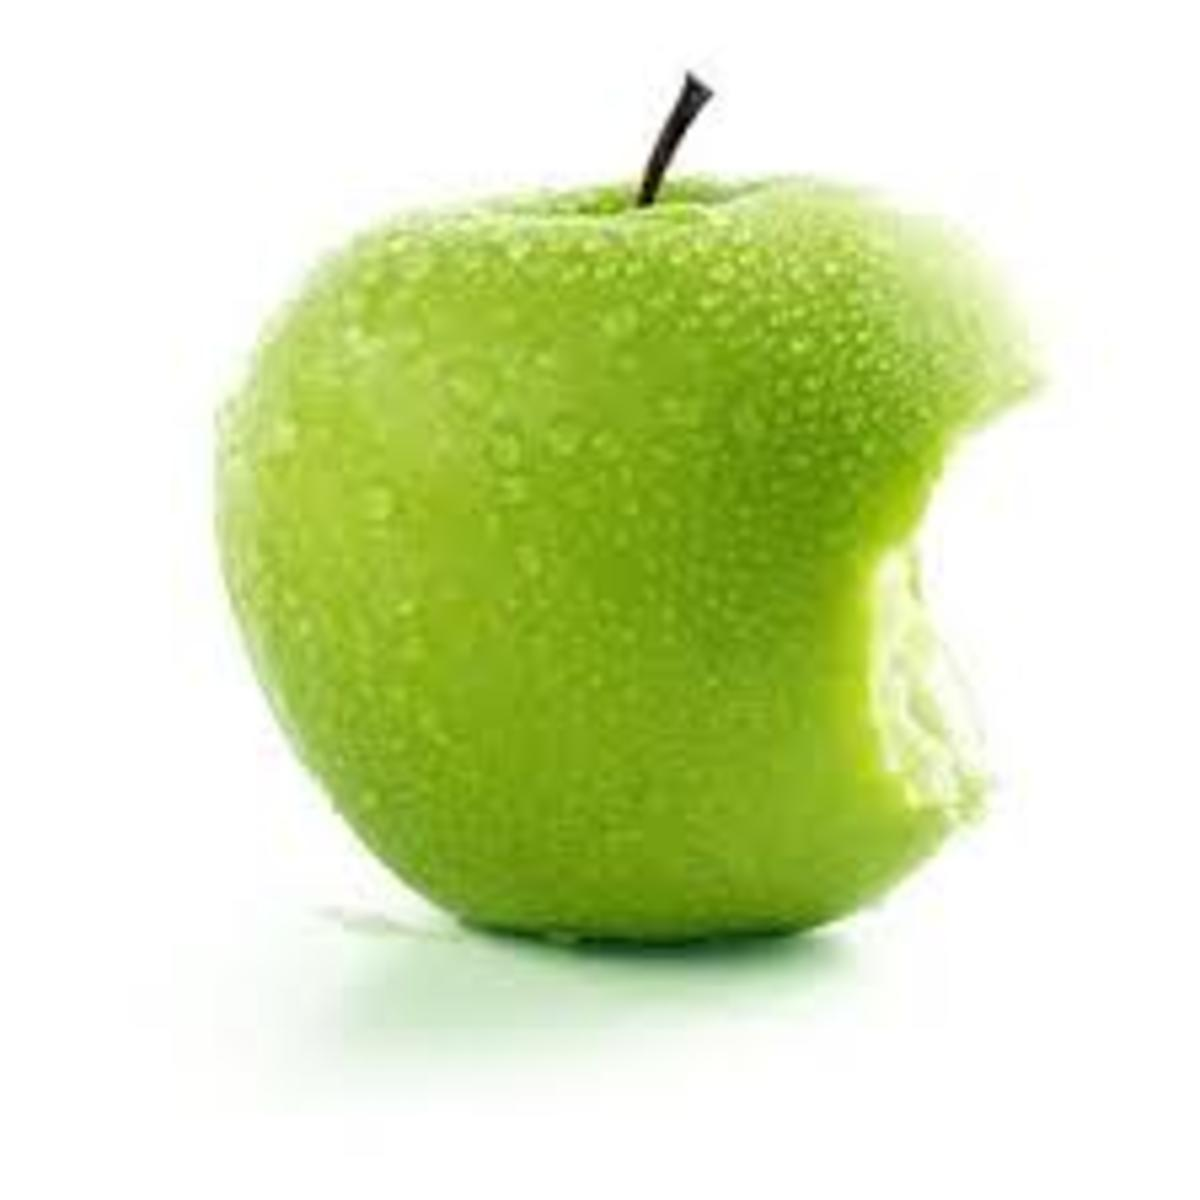 'to get an apple faint'